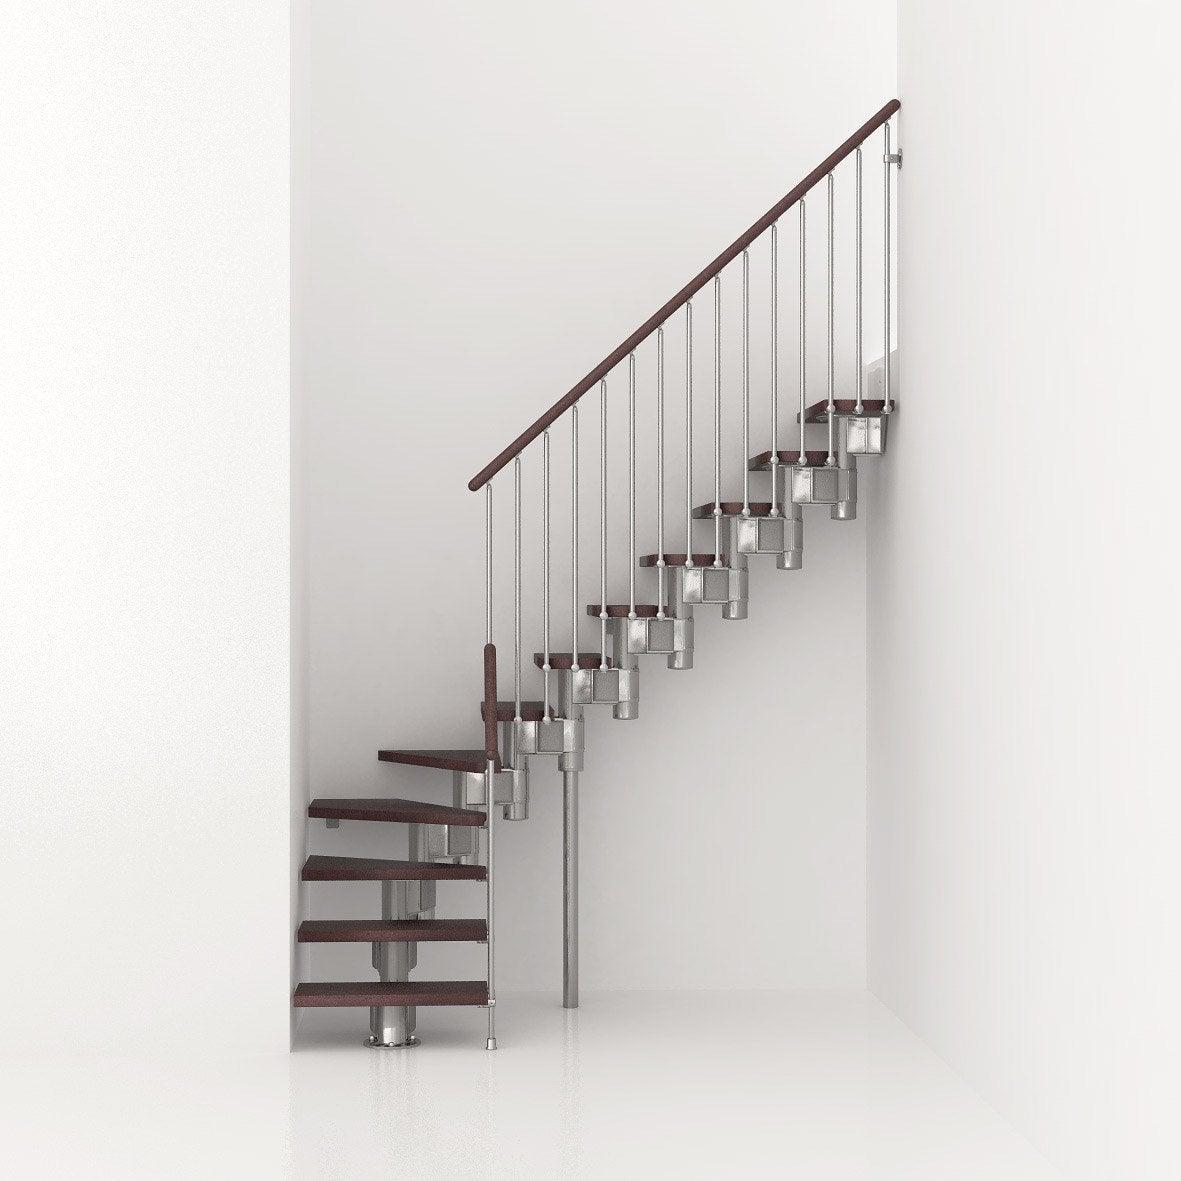 Pin escalier pas japonais leroy merlin on pinterest - Leroy merlin rampe escalier ...